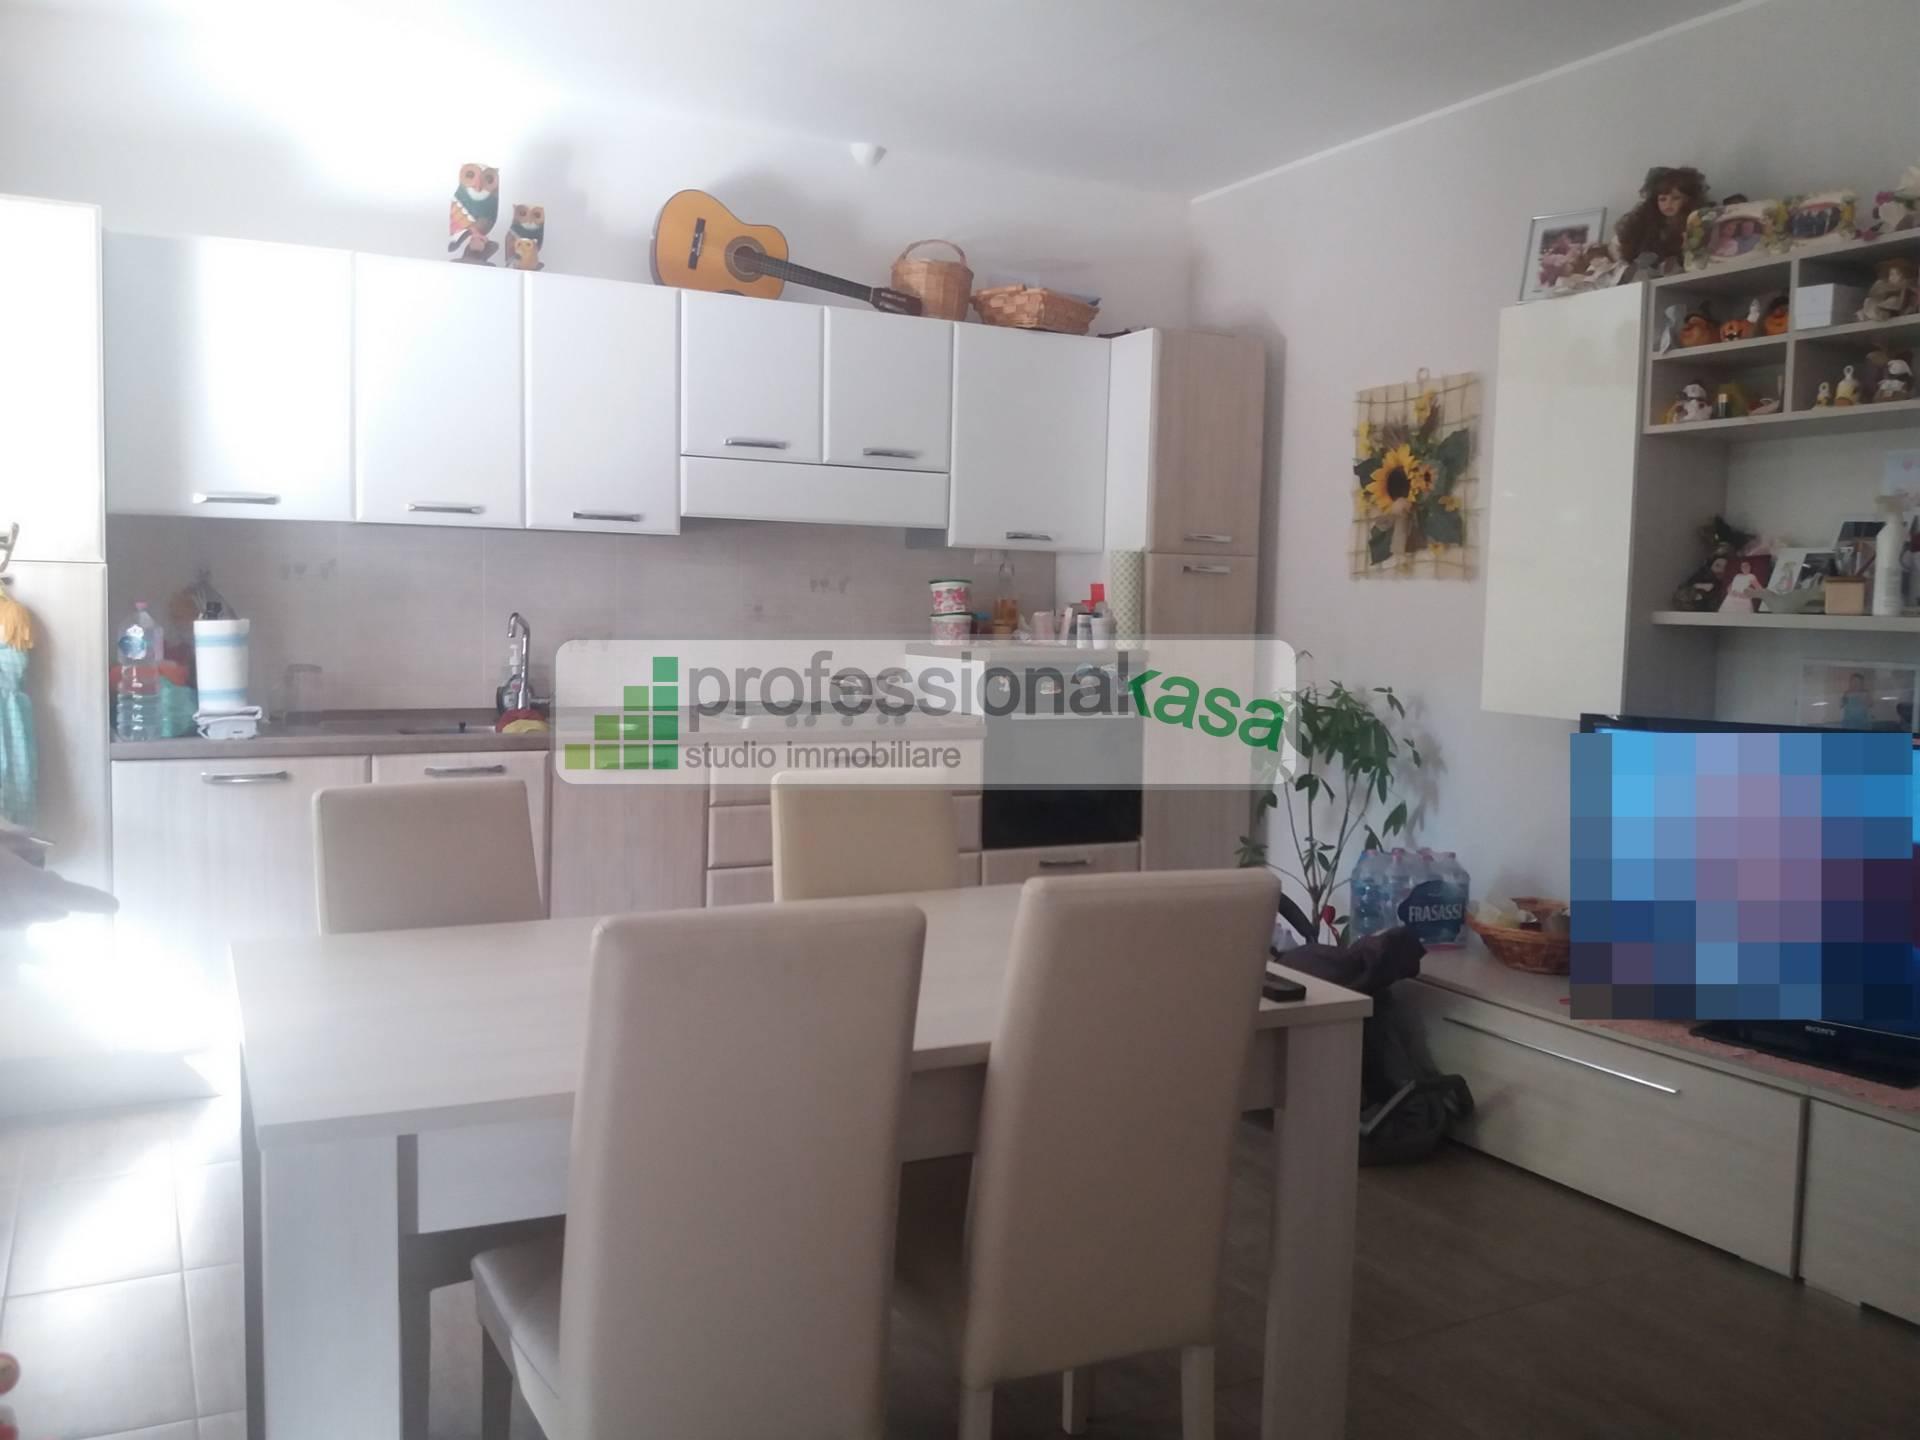 Appartamento in vendita a Vasto, 3 locali, zona Località: 4CentraleCommerciale, prezzo € 110.000 | PortaleAgenzieImmobiliari.it